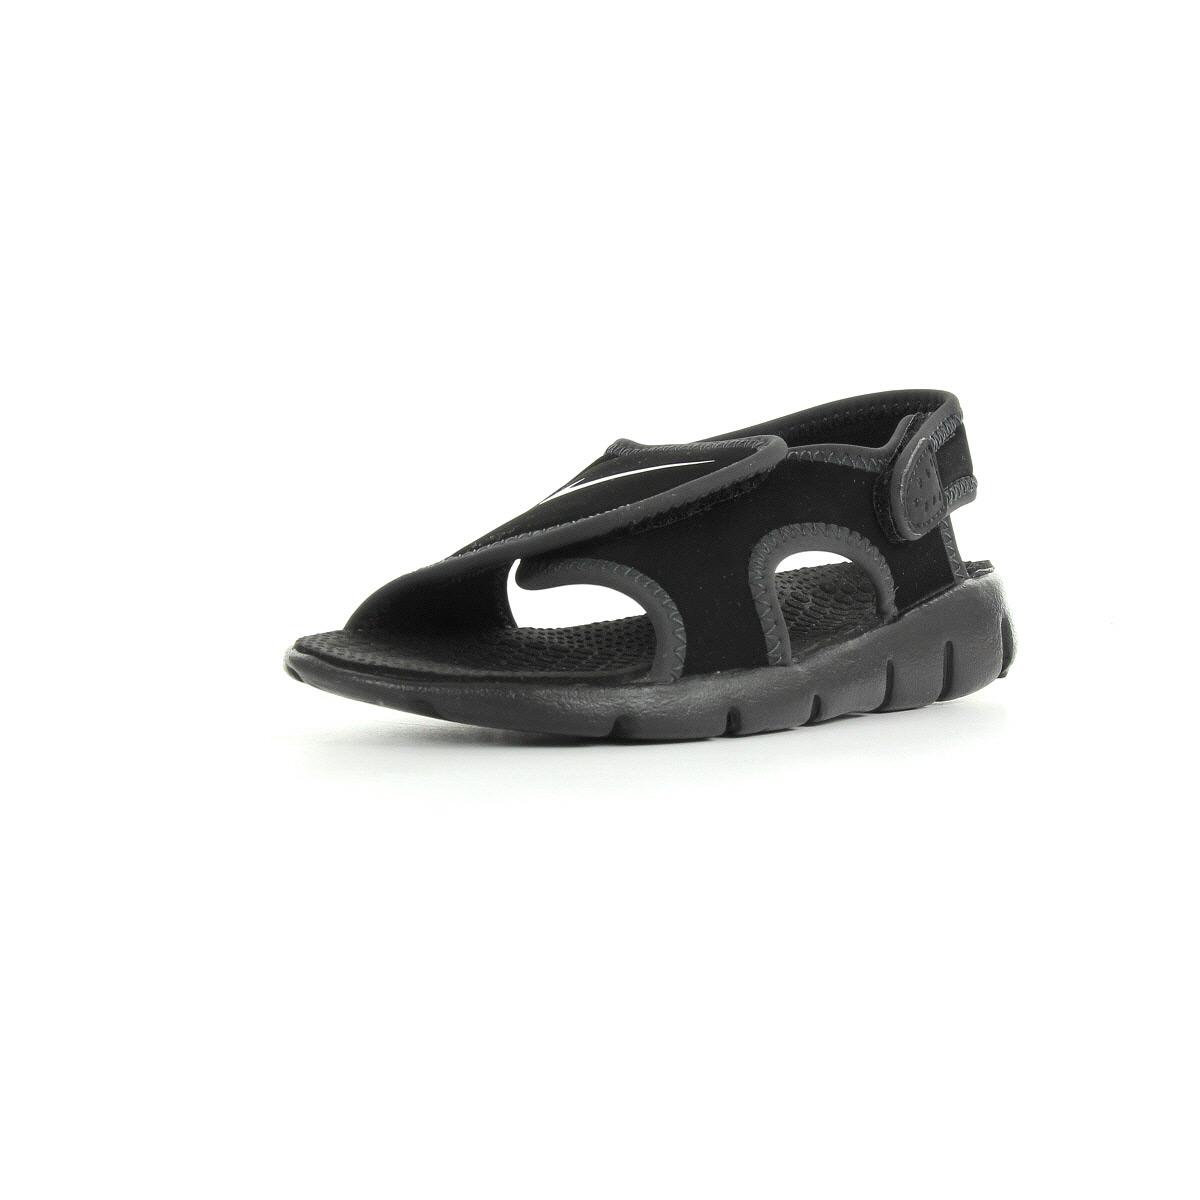 sandale nike bebe noir. Black Bedroom Furniture Sets. Home Design Ideas